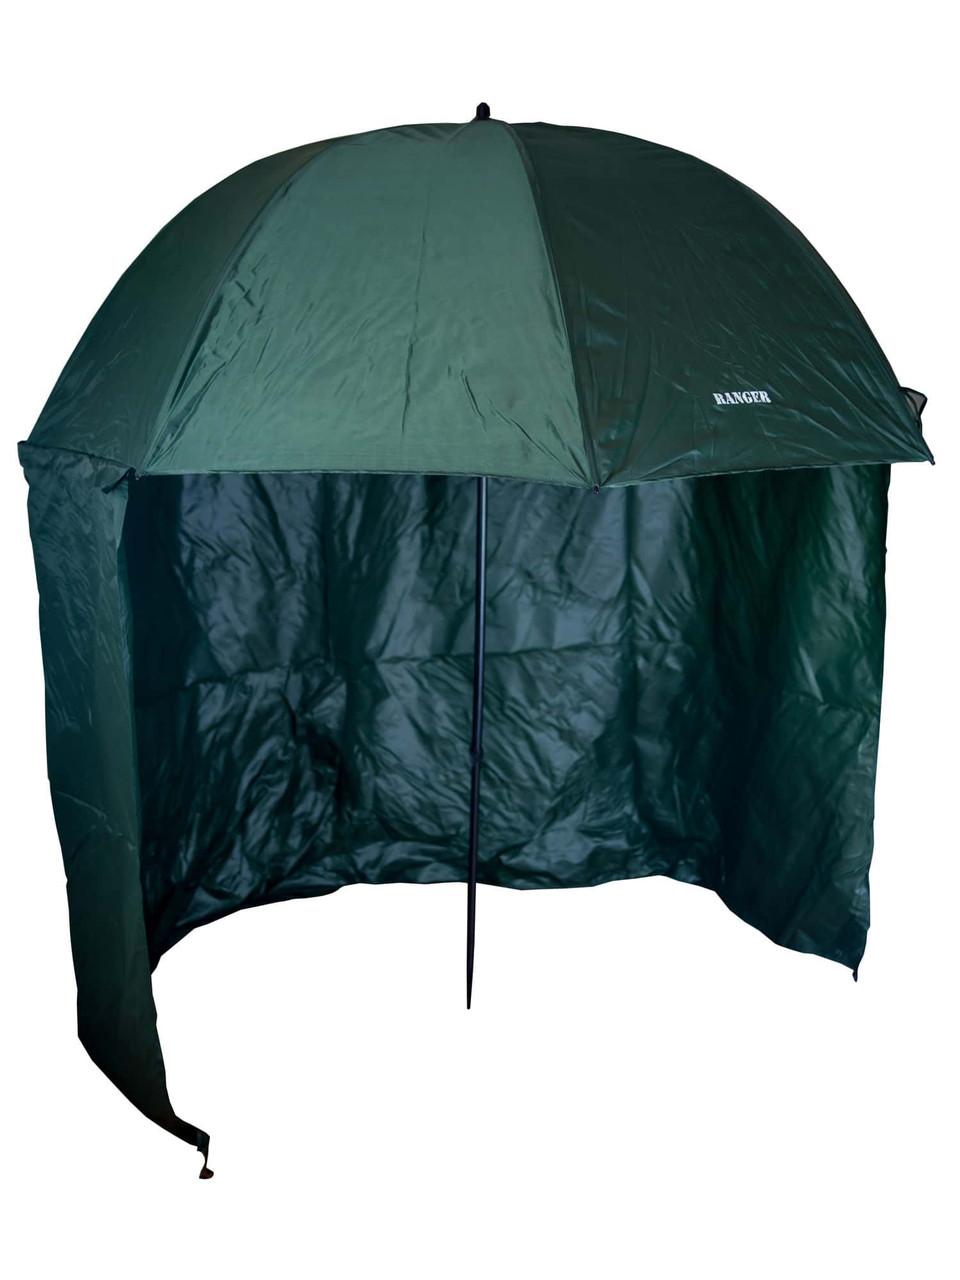 Зонт туристический Ranger Umbrella 2.5M для рыбалки природы пляжа темно-зеленый